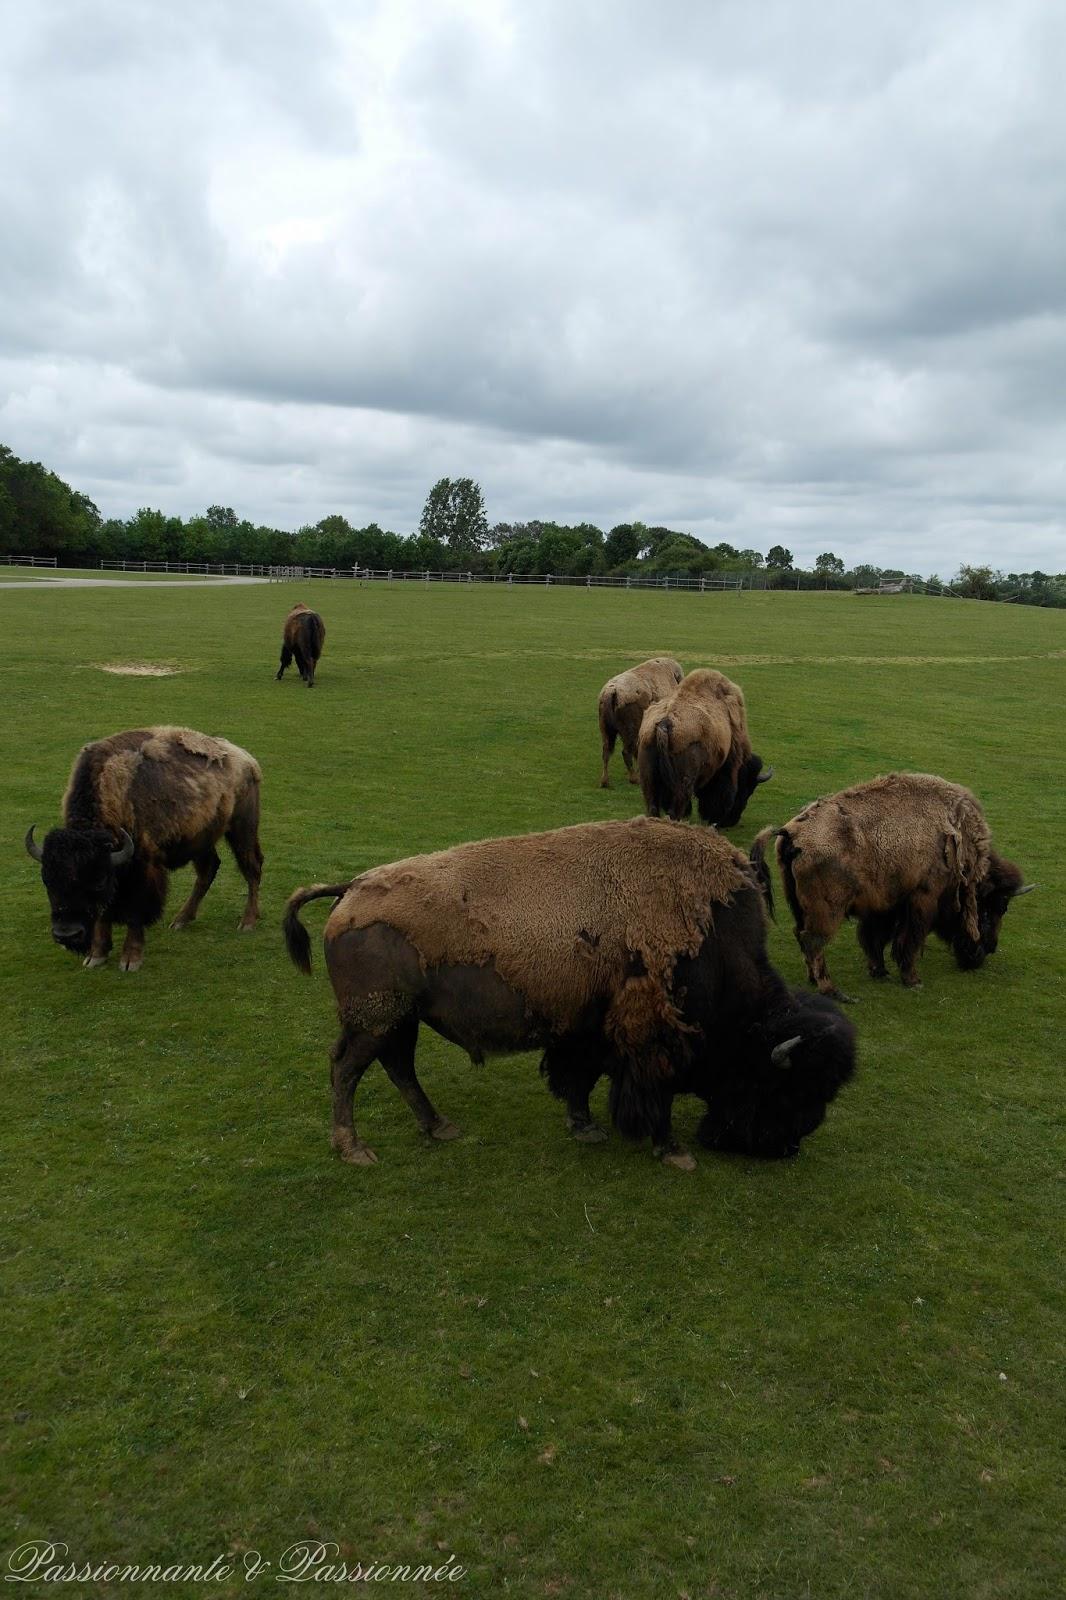 Les bisons chez planète sauvage